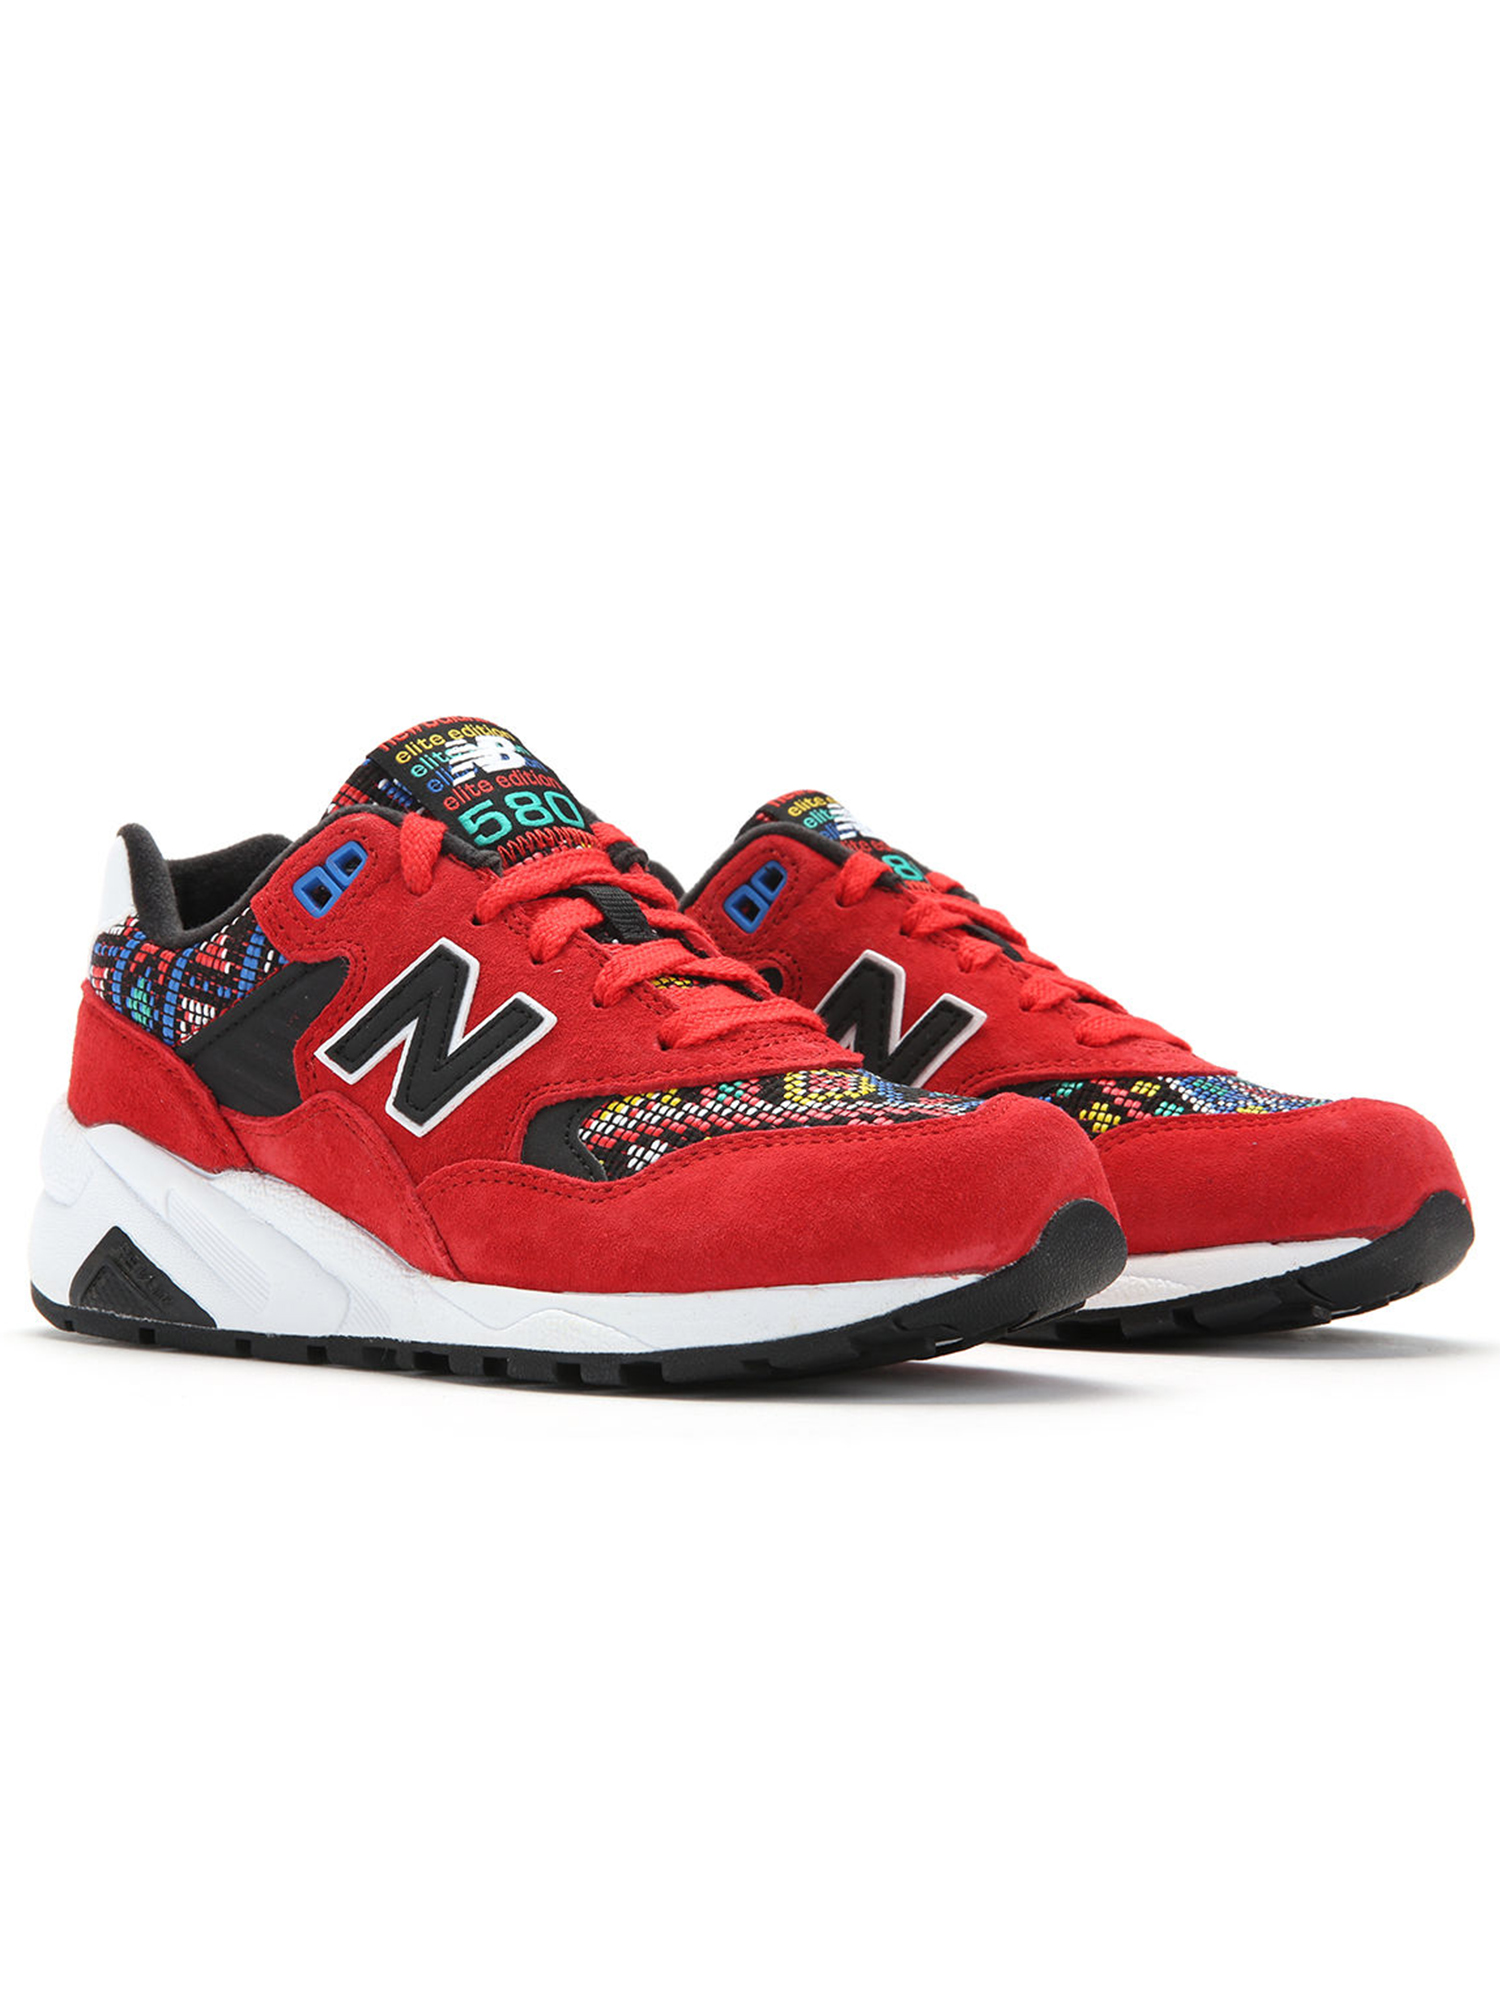 New Balance Women's 580 Aztec Running Shoes WRT580HS Red/Black SZ 5